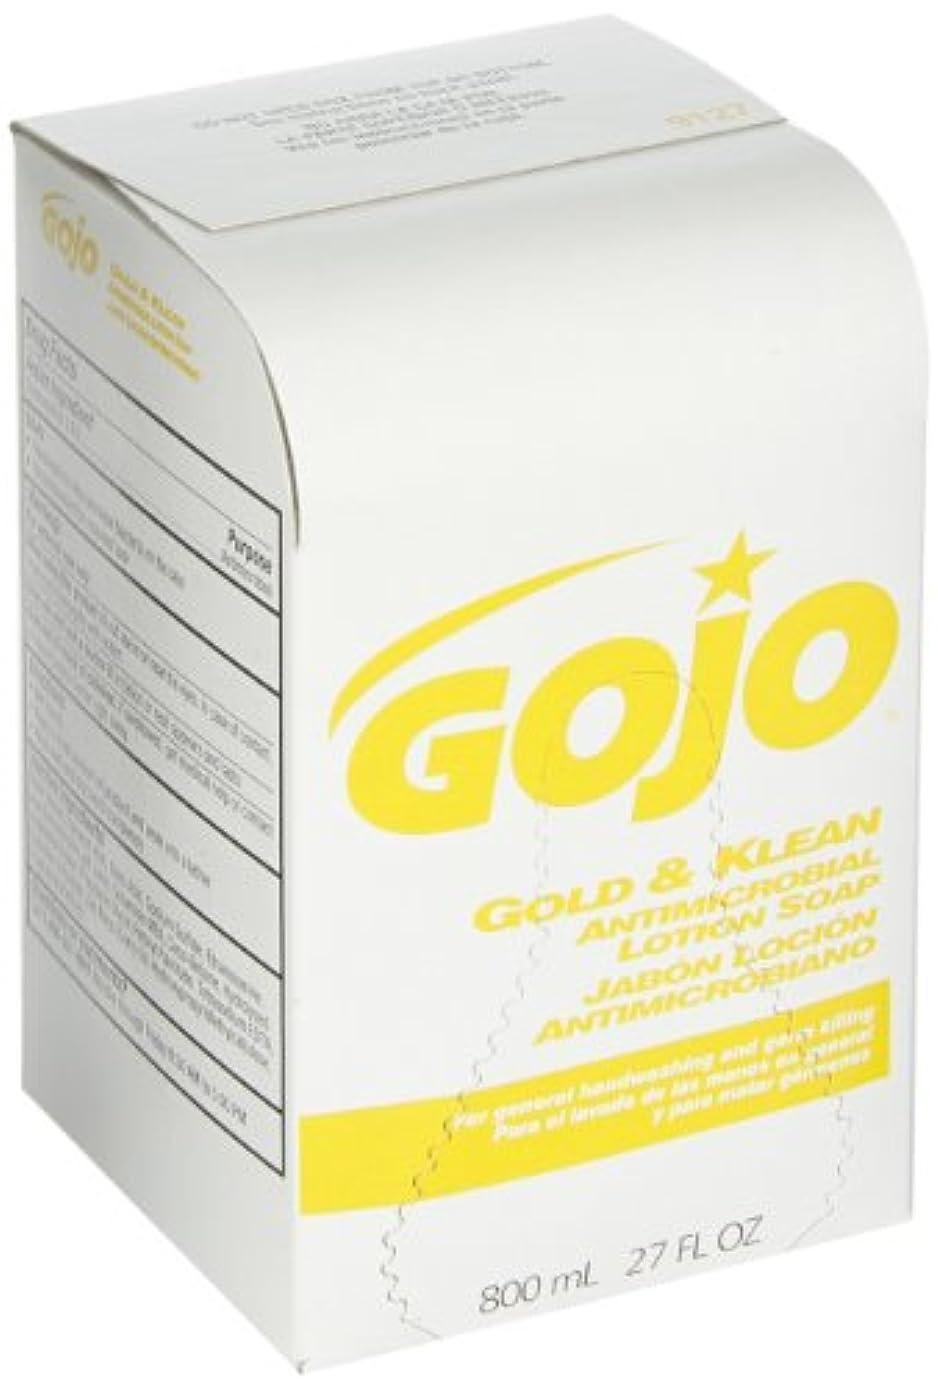 鑑定深遠議会ゴールド& KleanローションSoap bag-in-boxディスペンサー詰め替え、フローラルBalsam、800 ml